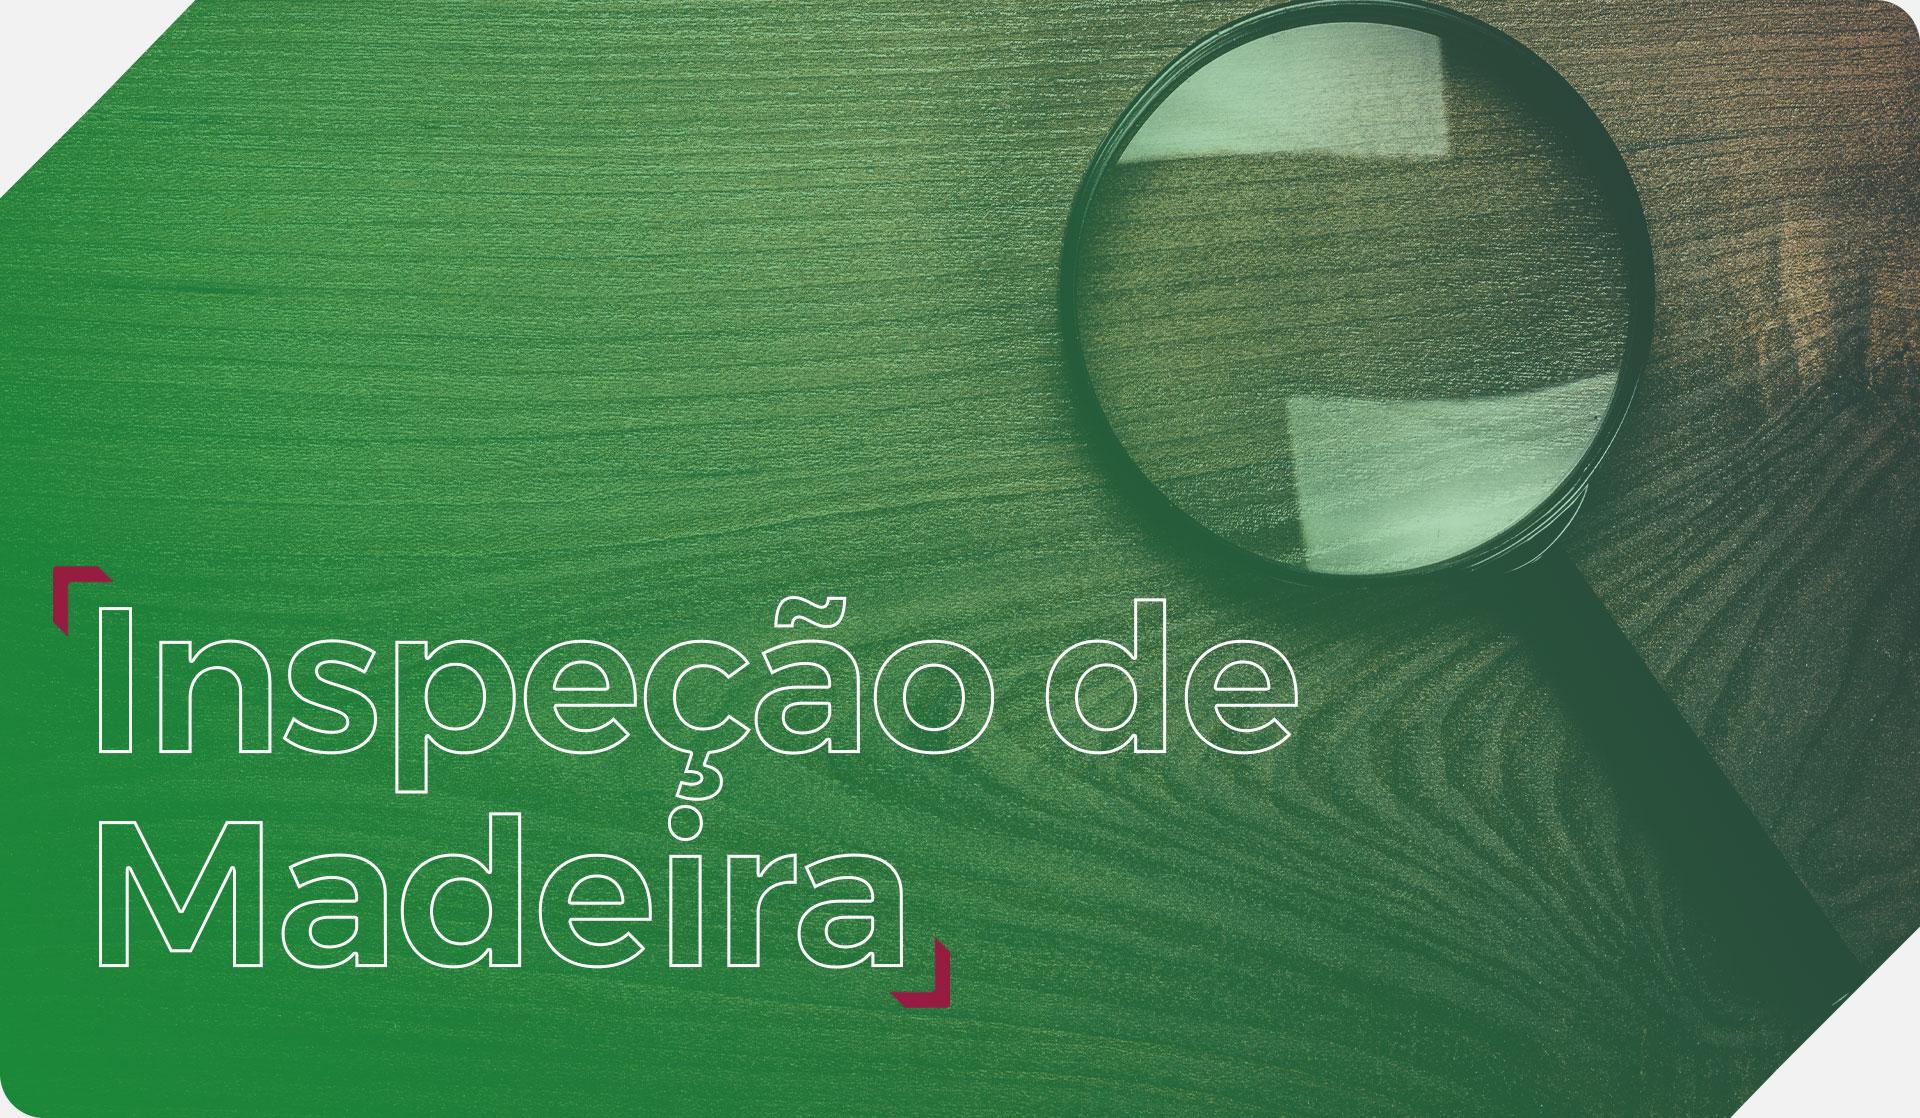 Inspeção de Madeira Importação PM Logística